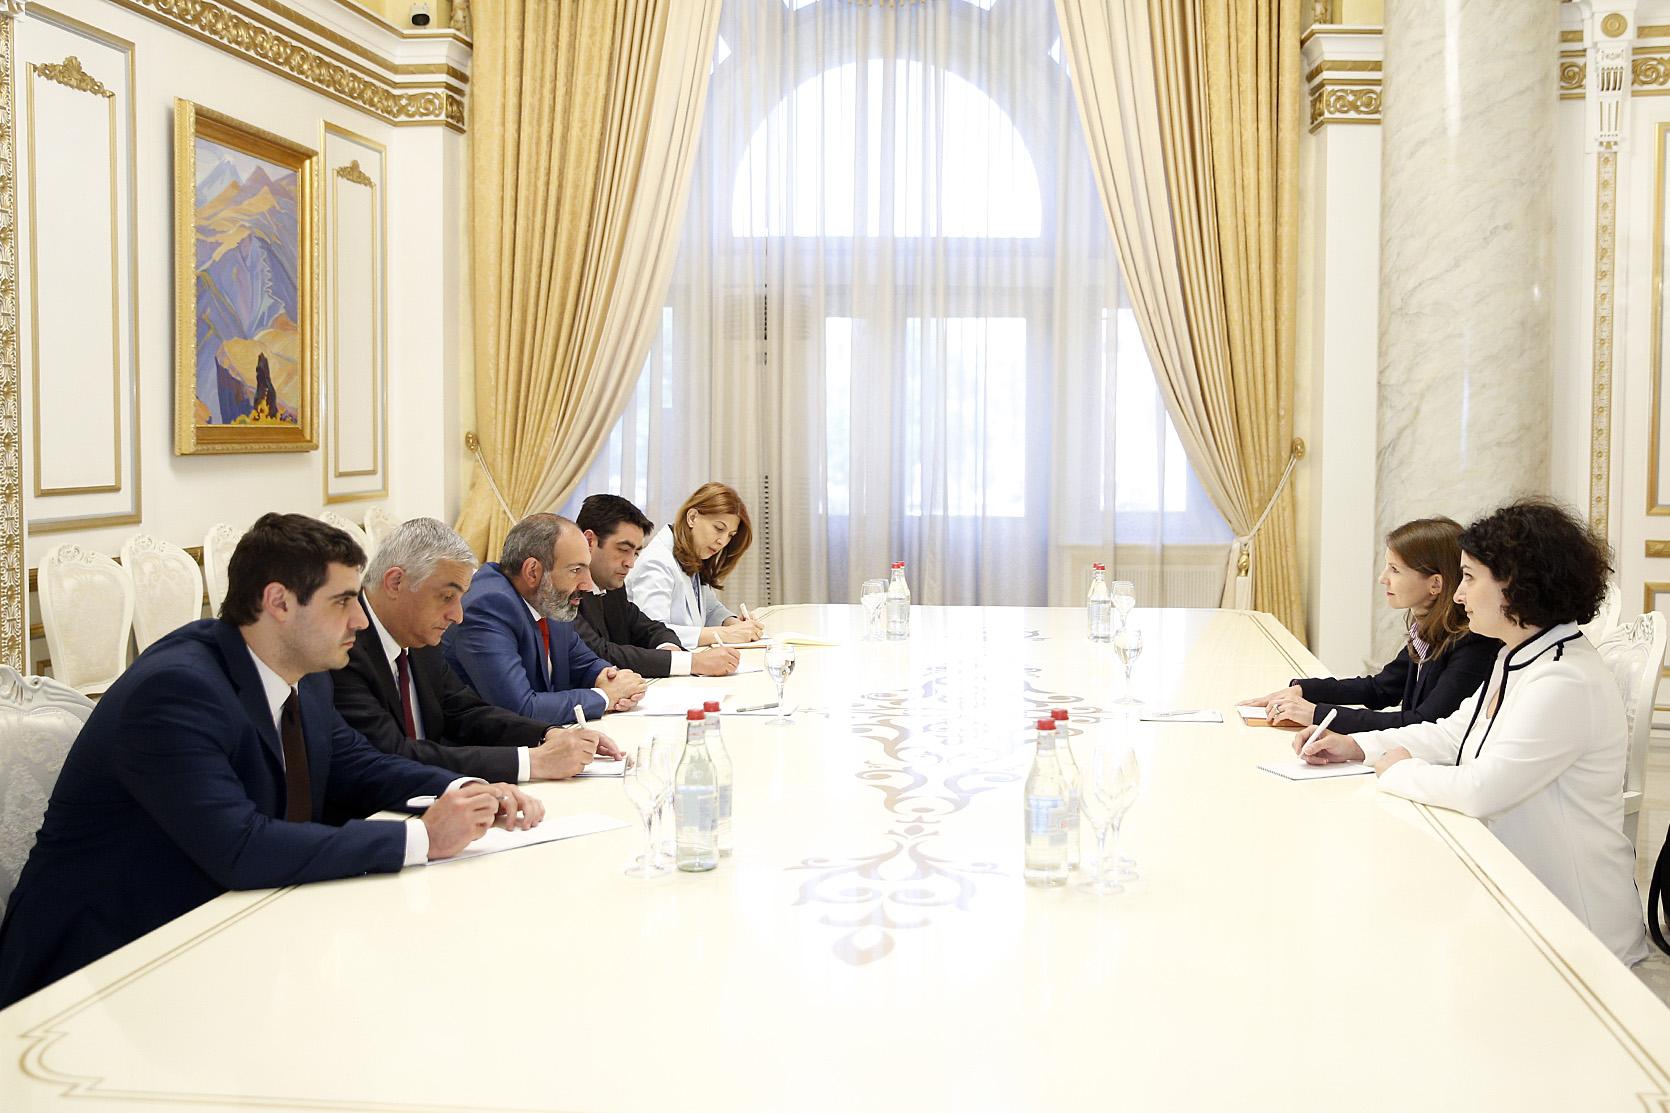 Հայաստանը ֆինանսական համակարգի կայունության առումով կարելի է համարել օրինակելի․ ԱՄՀ ներկայացուցիչը՝ Նիկոլ Փաշինյանին